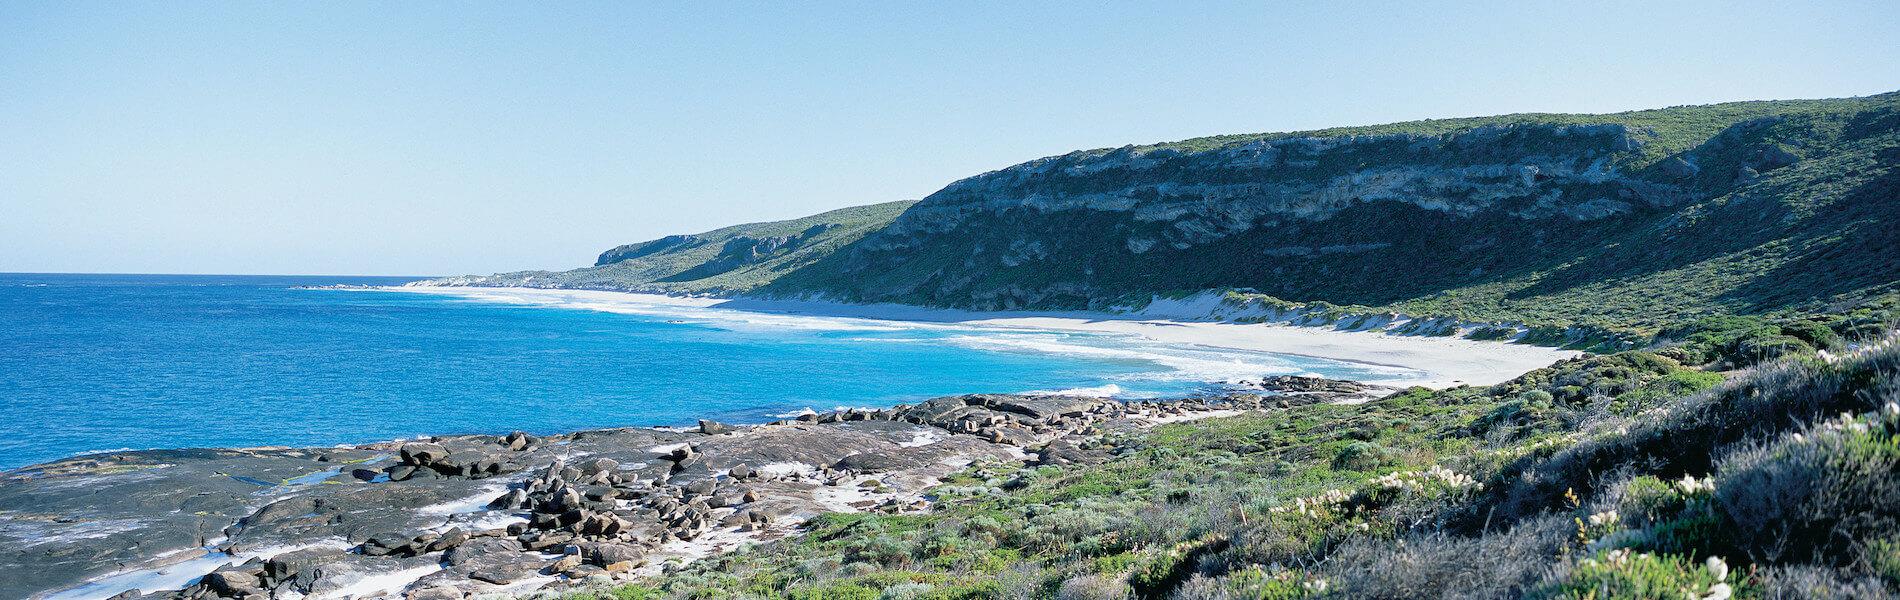 Conto's Beach